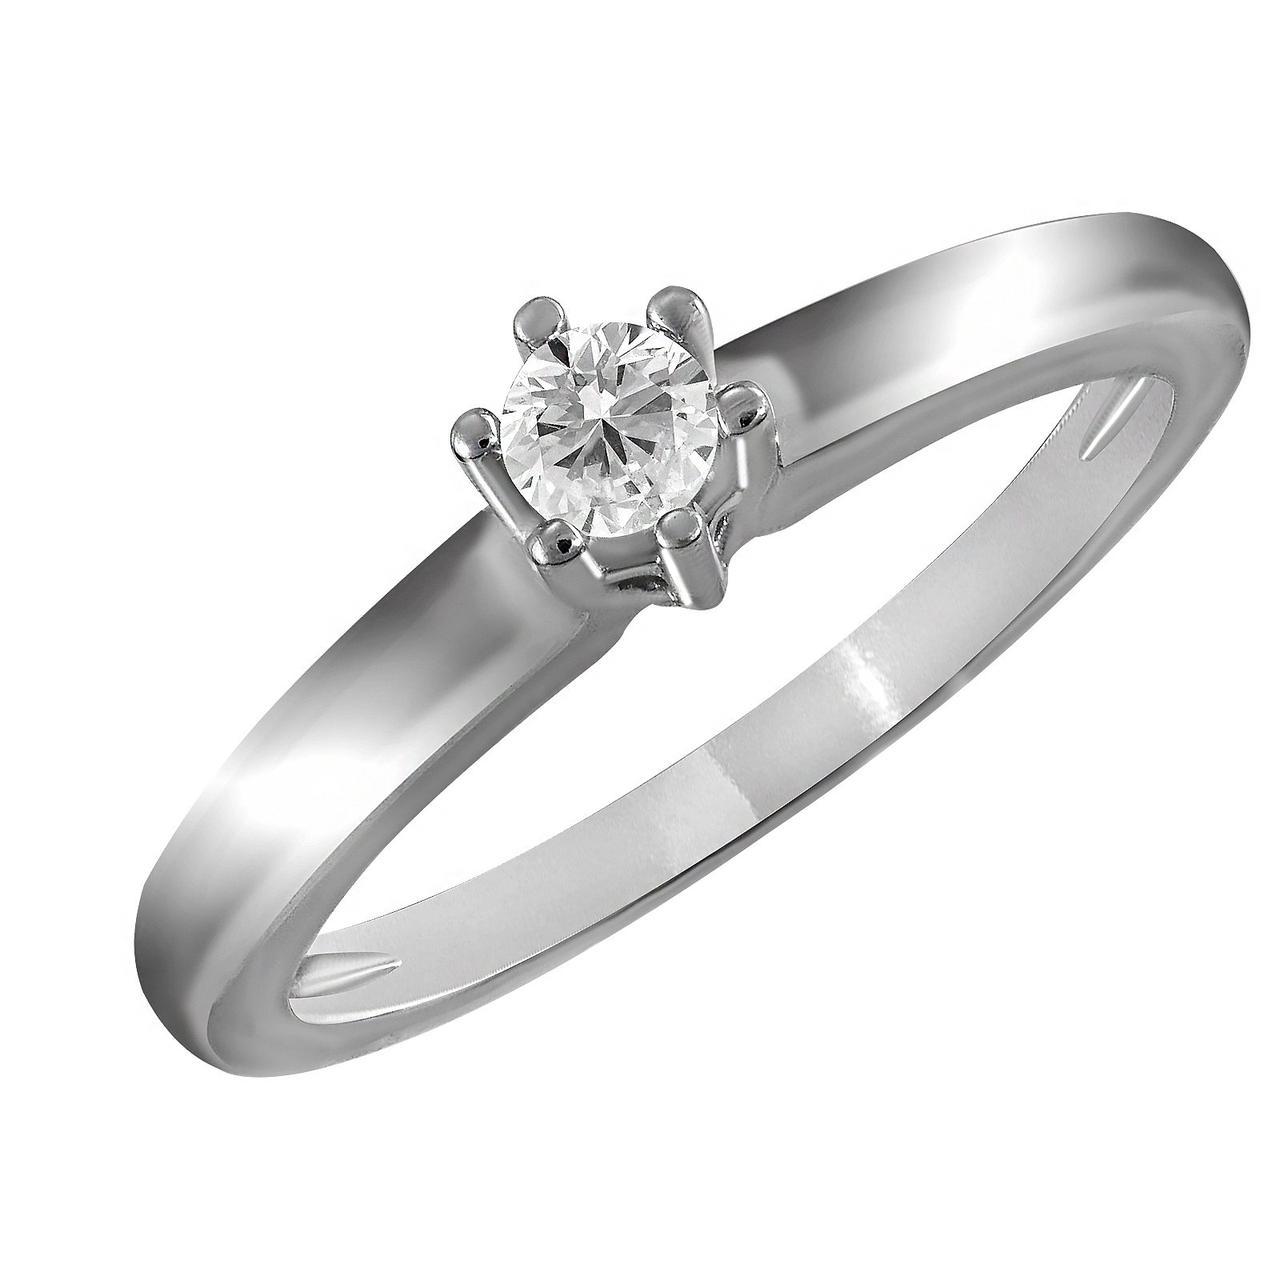 Золотое кольцо с бриллиантом, размер 17.5 (703110)